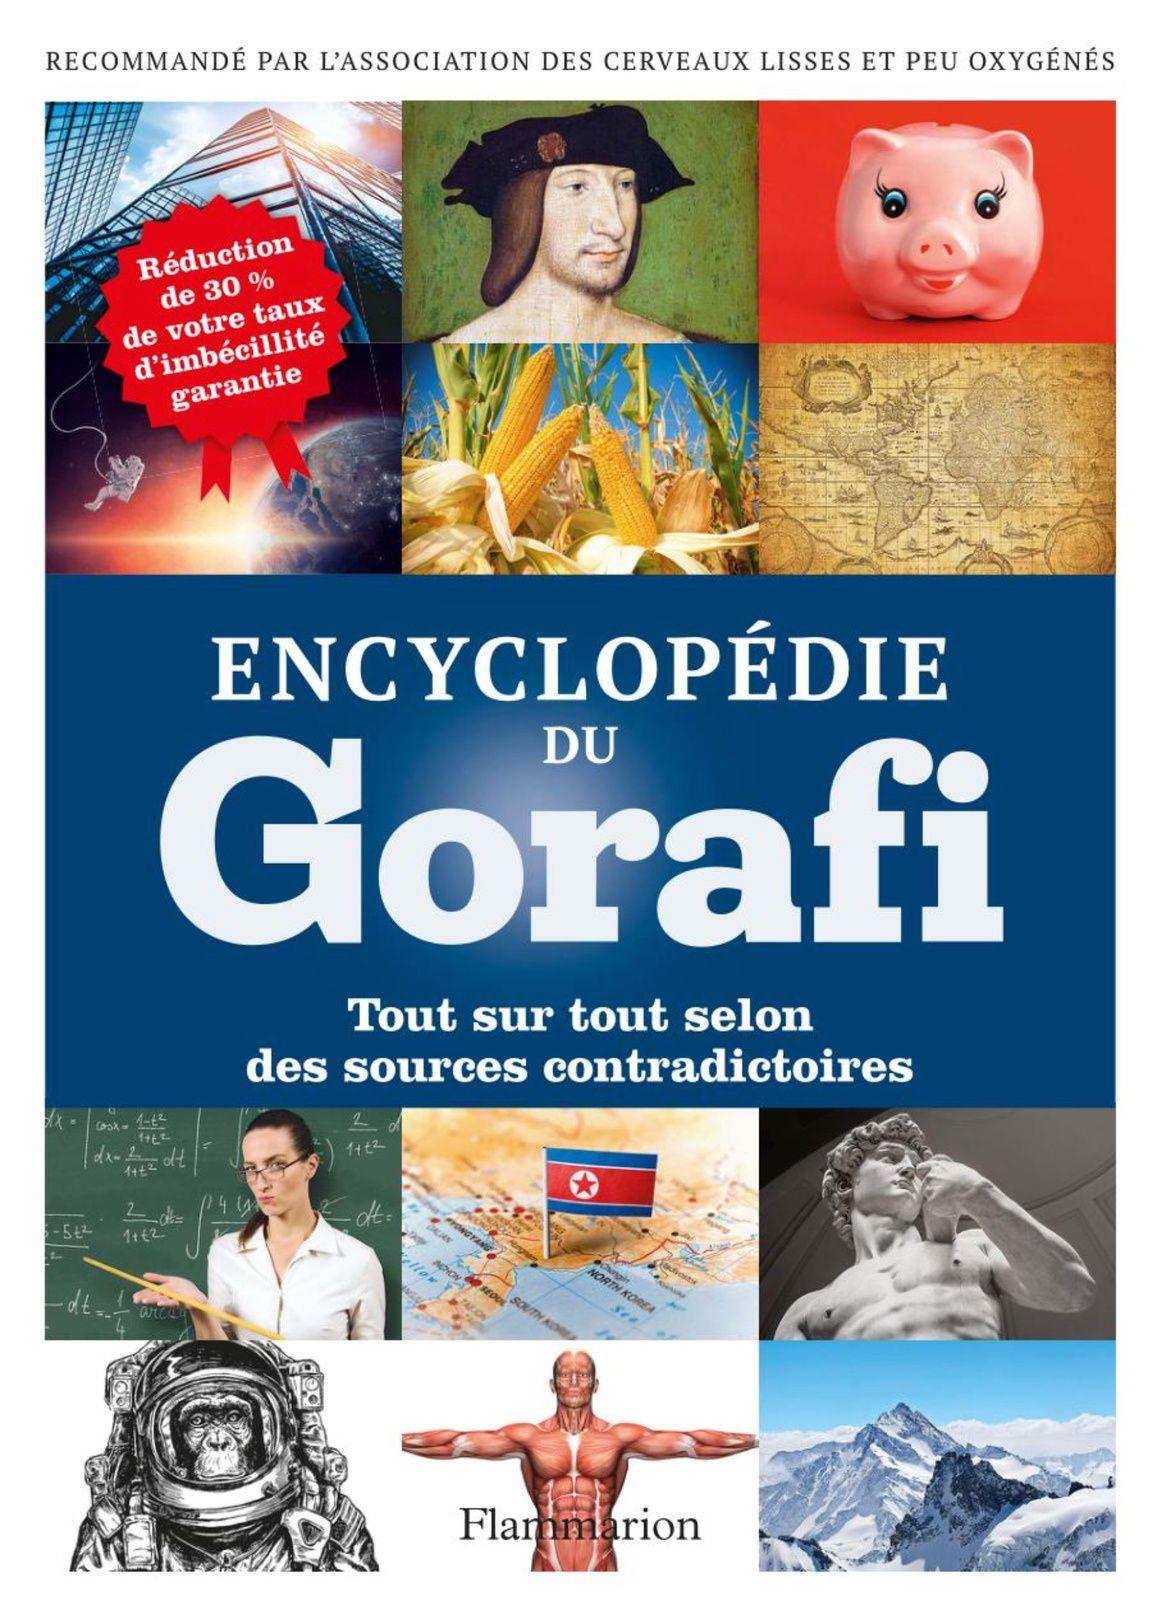 Sortie en librairies de l'Encyclopédie du Gorafi (extraits).